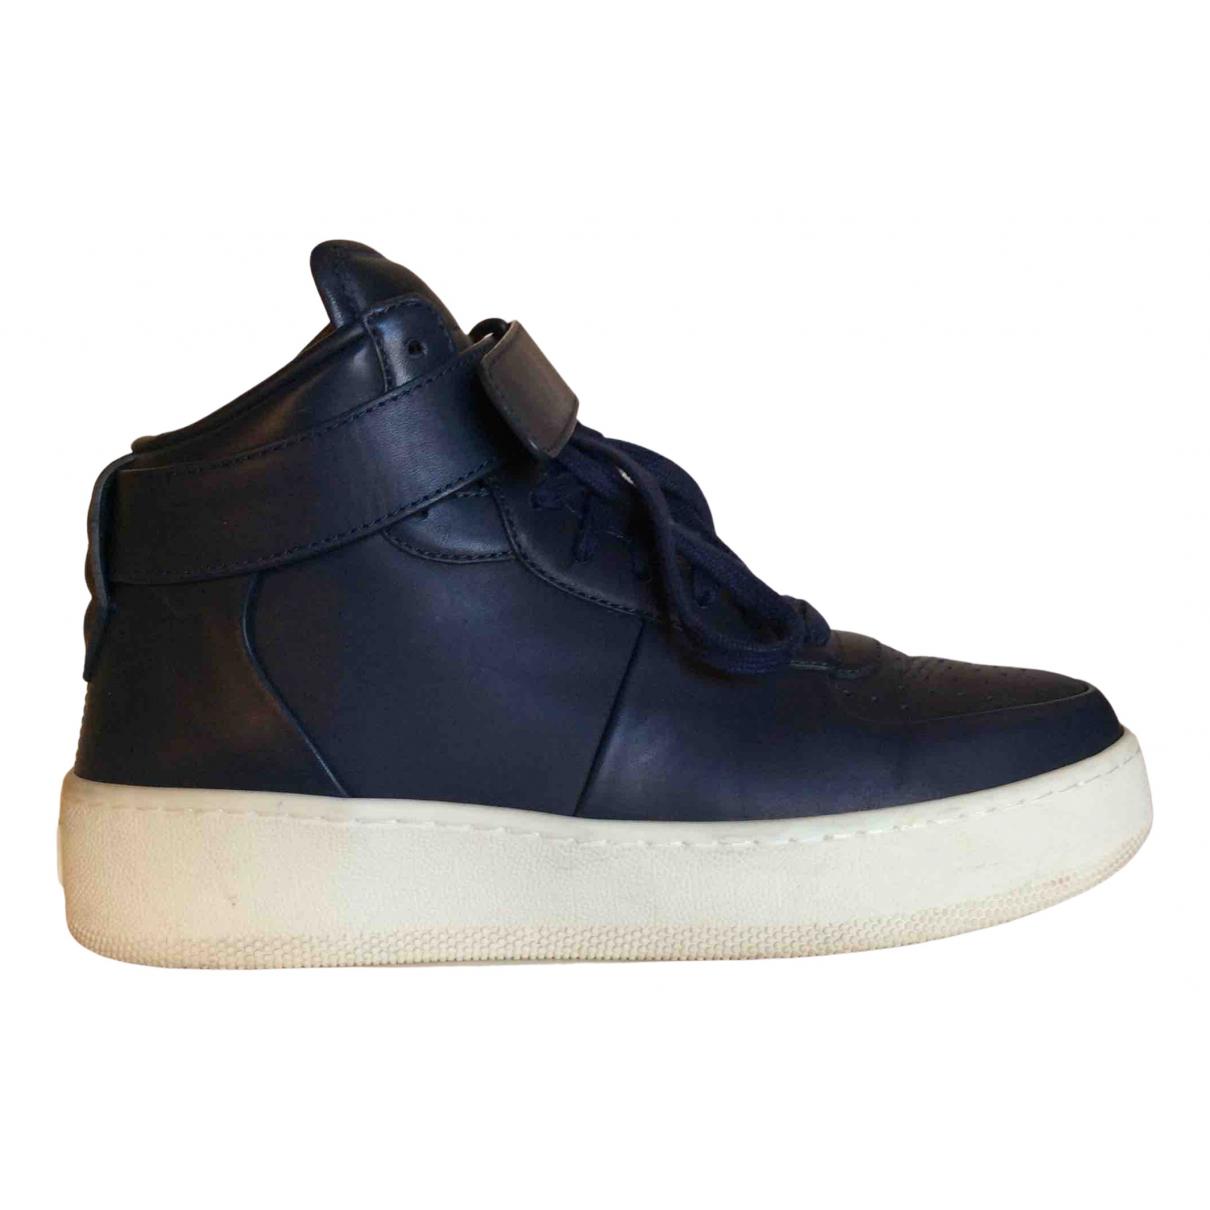 Celine \N Sneakers in  Blau Leder